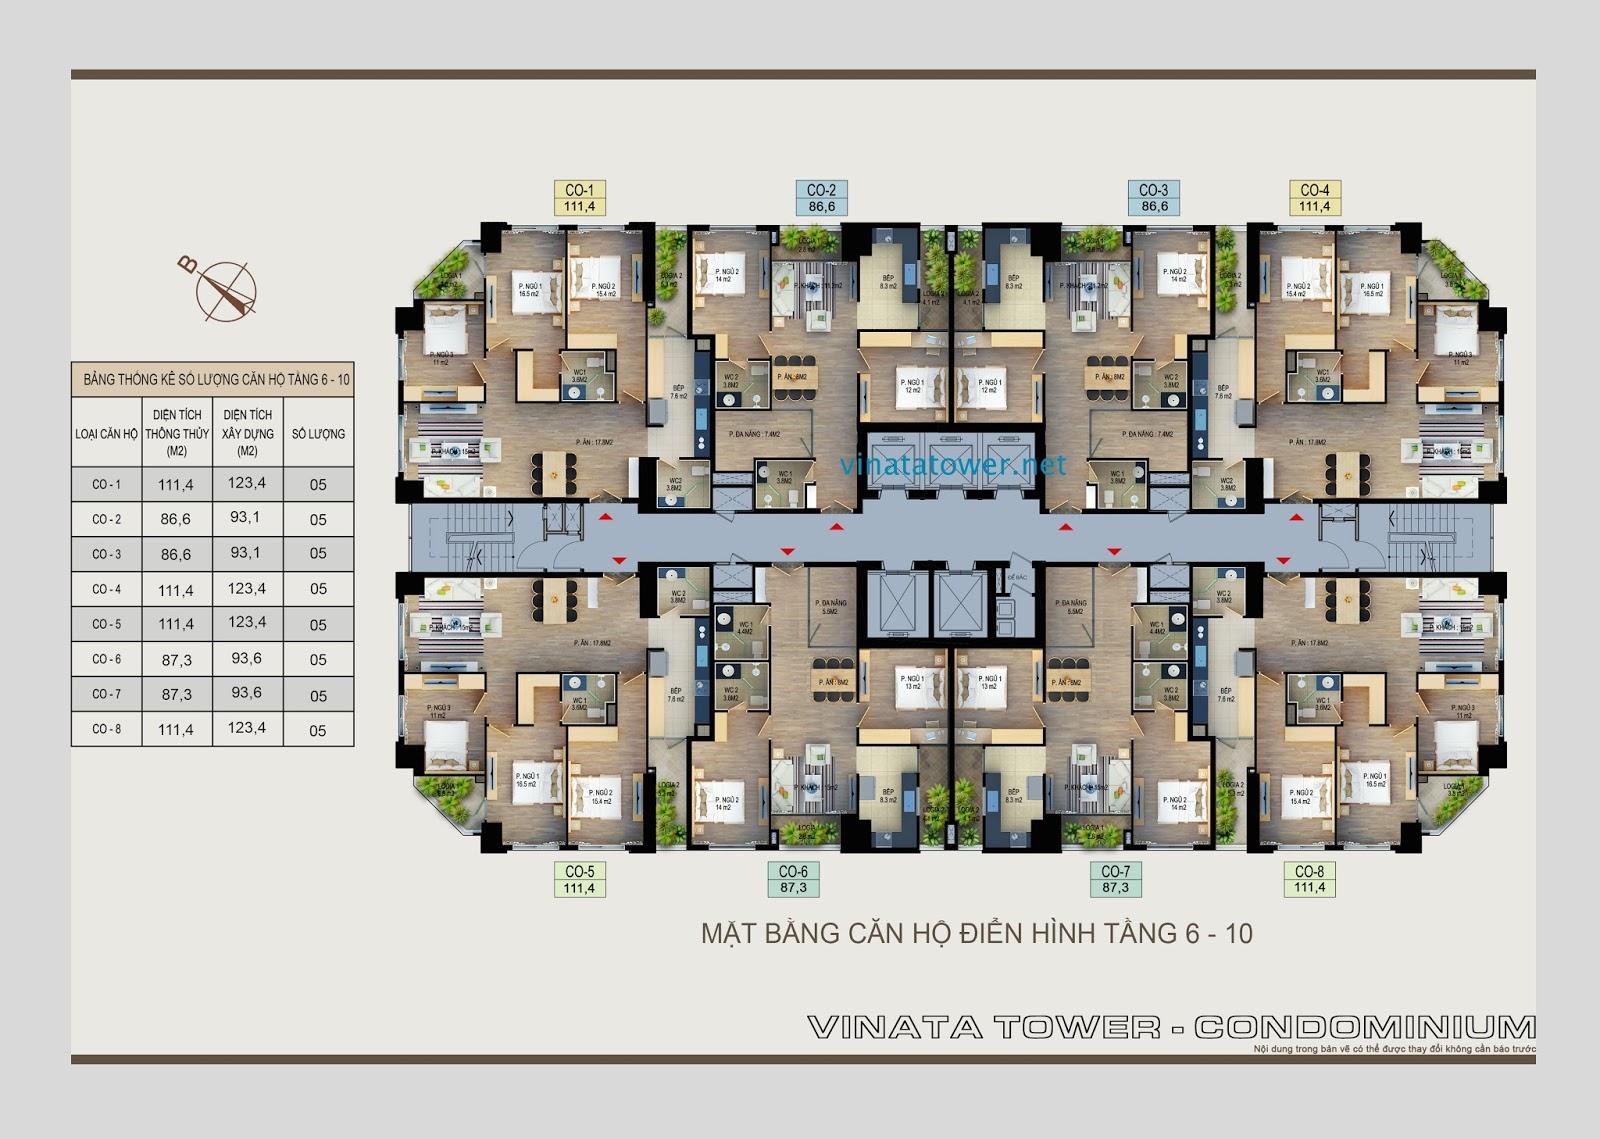 Mặt bằng căn hộ tầng 6 - 10 Vinata Towers